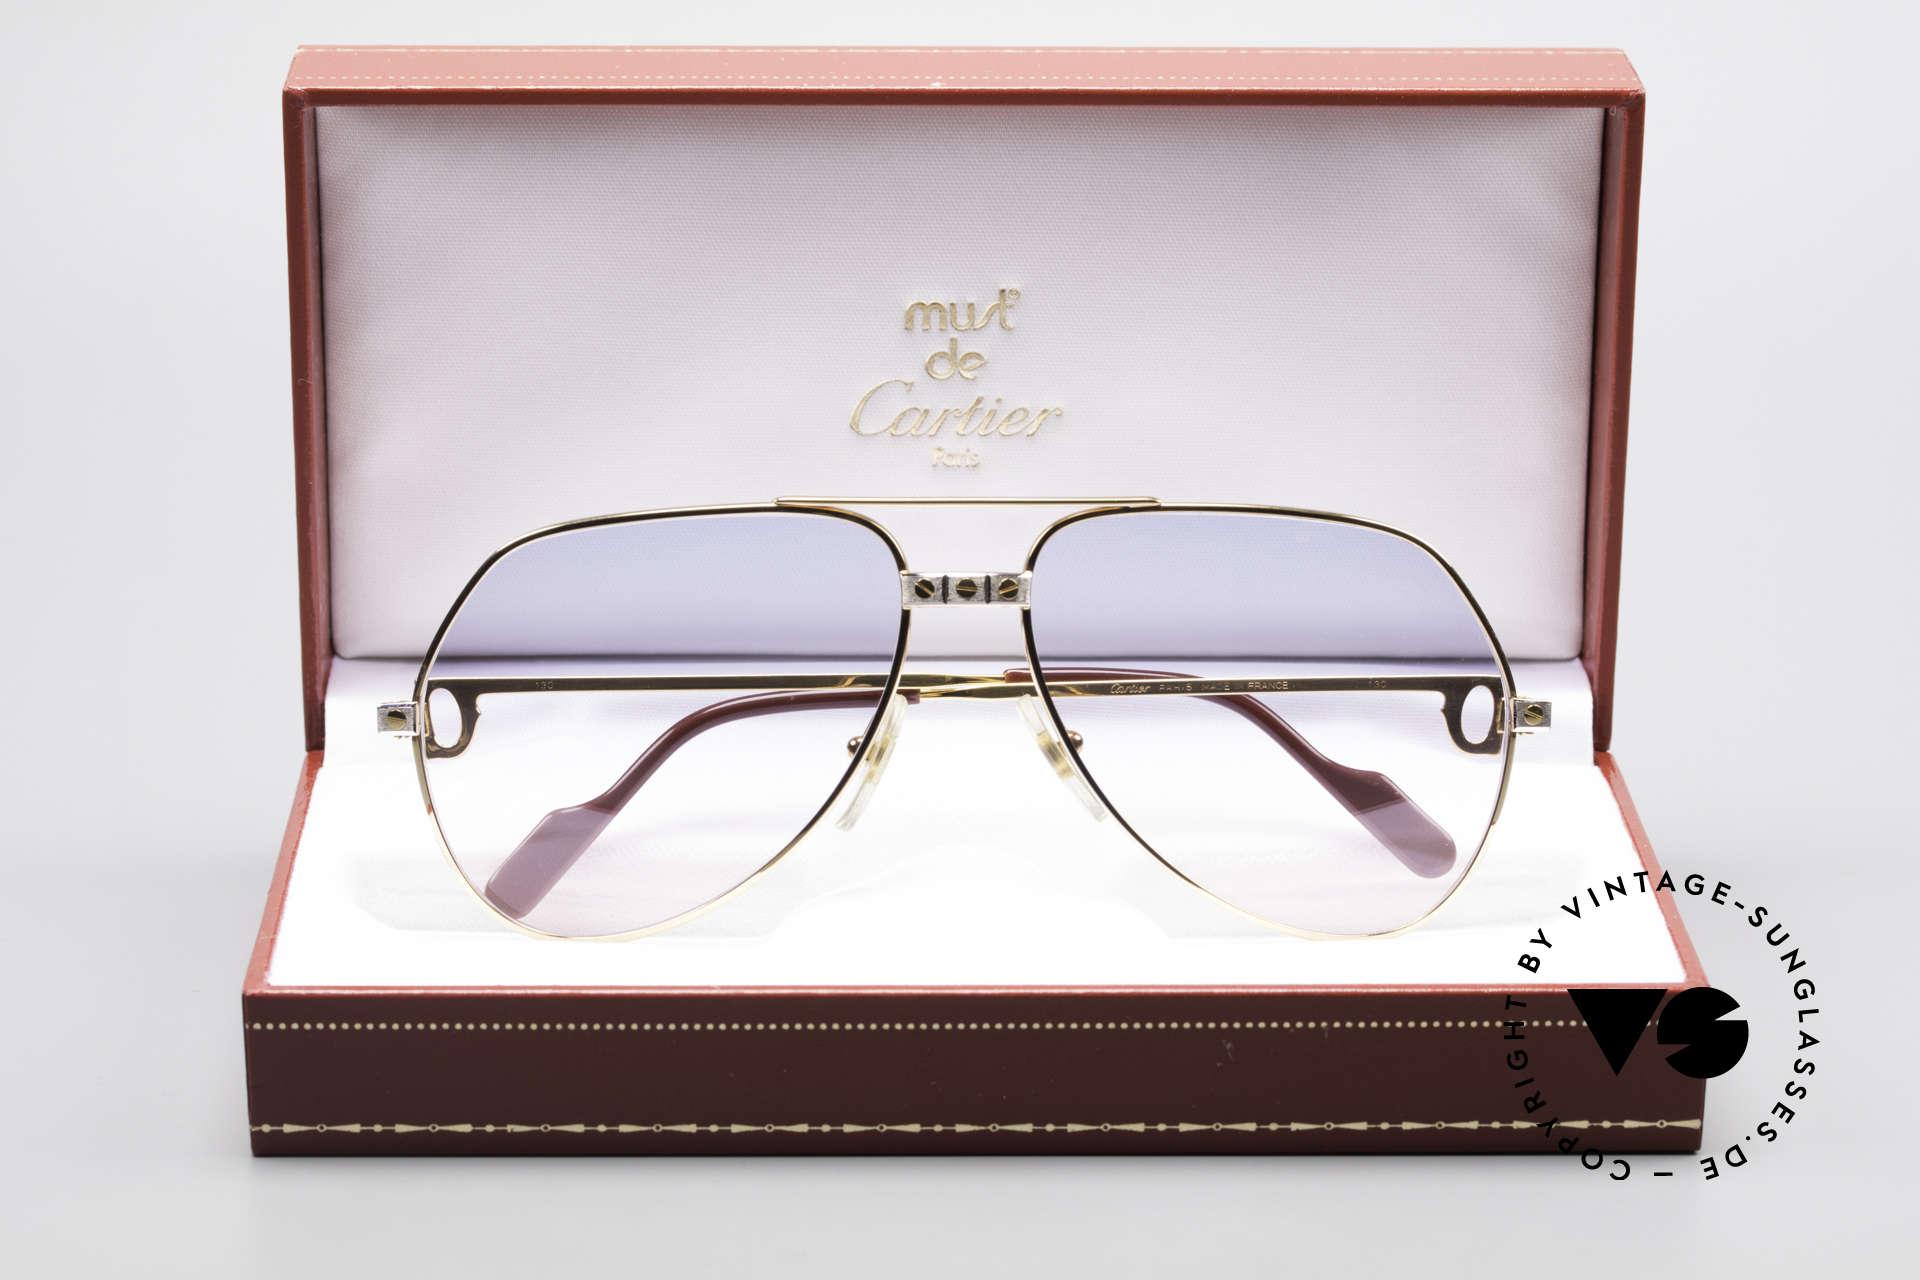 Cartier Vendome Santos - M Rare 80's Luxury Aviator Shades, NO RETRO sunglasses, but a genuine vintage ORIGINAL, Made for Men and Women